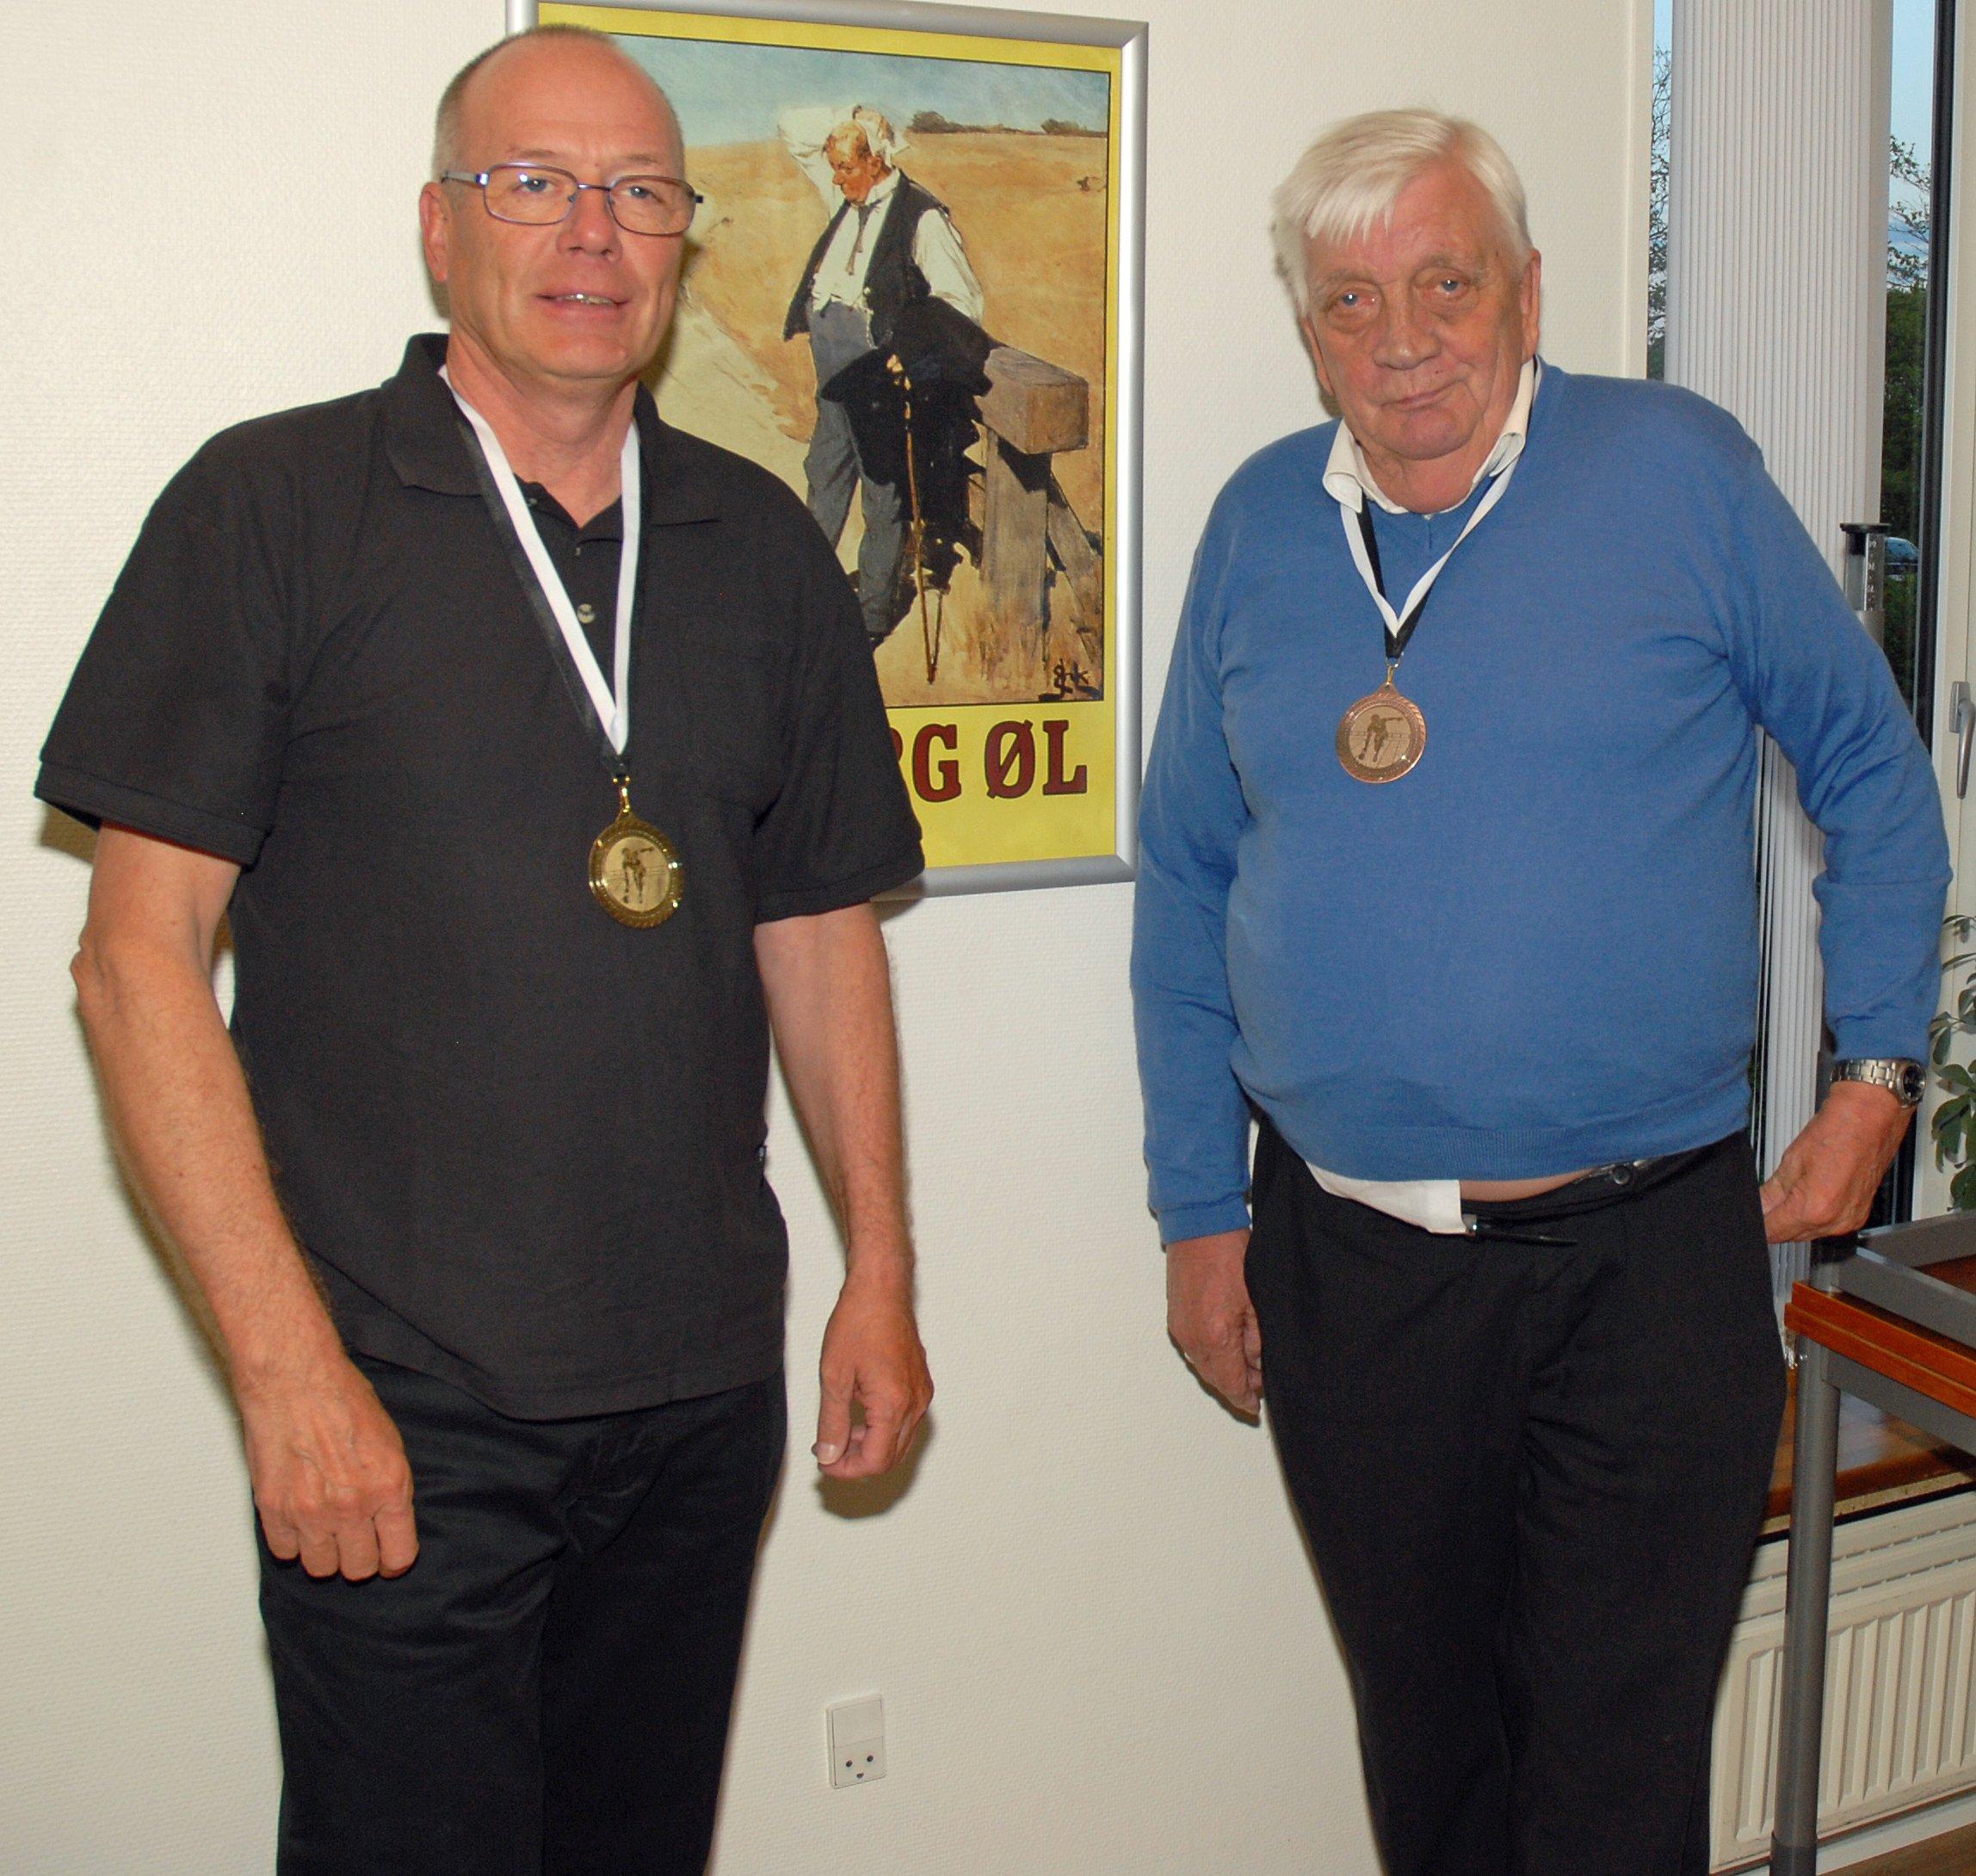 Klubmesterskab 2015. Herrer række D. Guld til Bent Udbjørg, Sølv til Max Tranberg (ikke på billedet) og Bronze til Jørgen Petersen